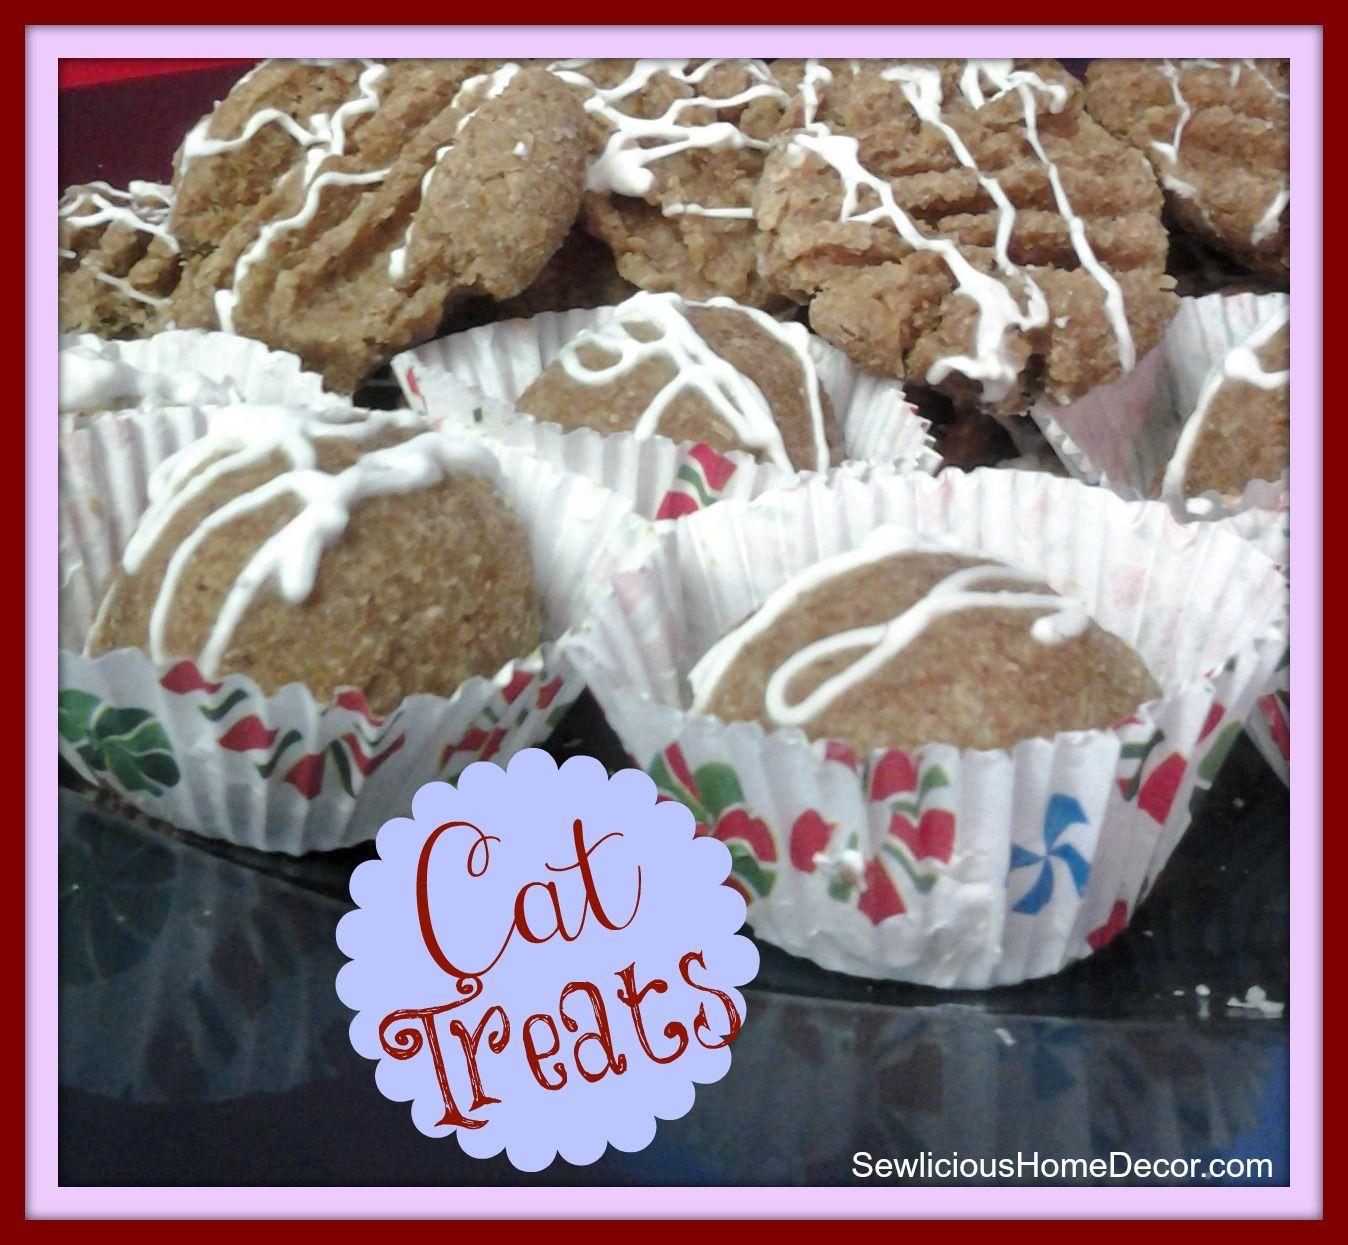 Holiday Cookie Treats for Cats recipe! Cat treats